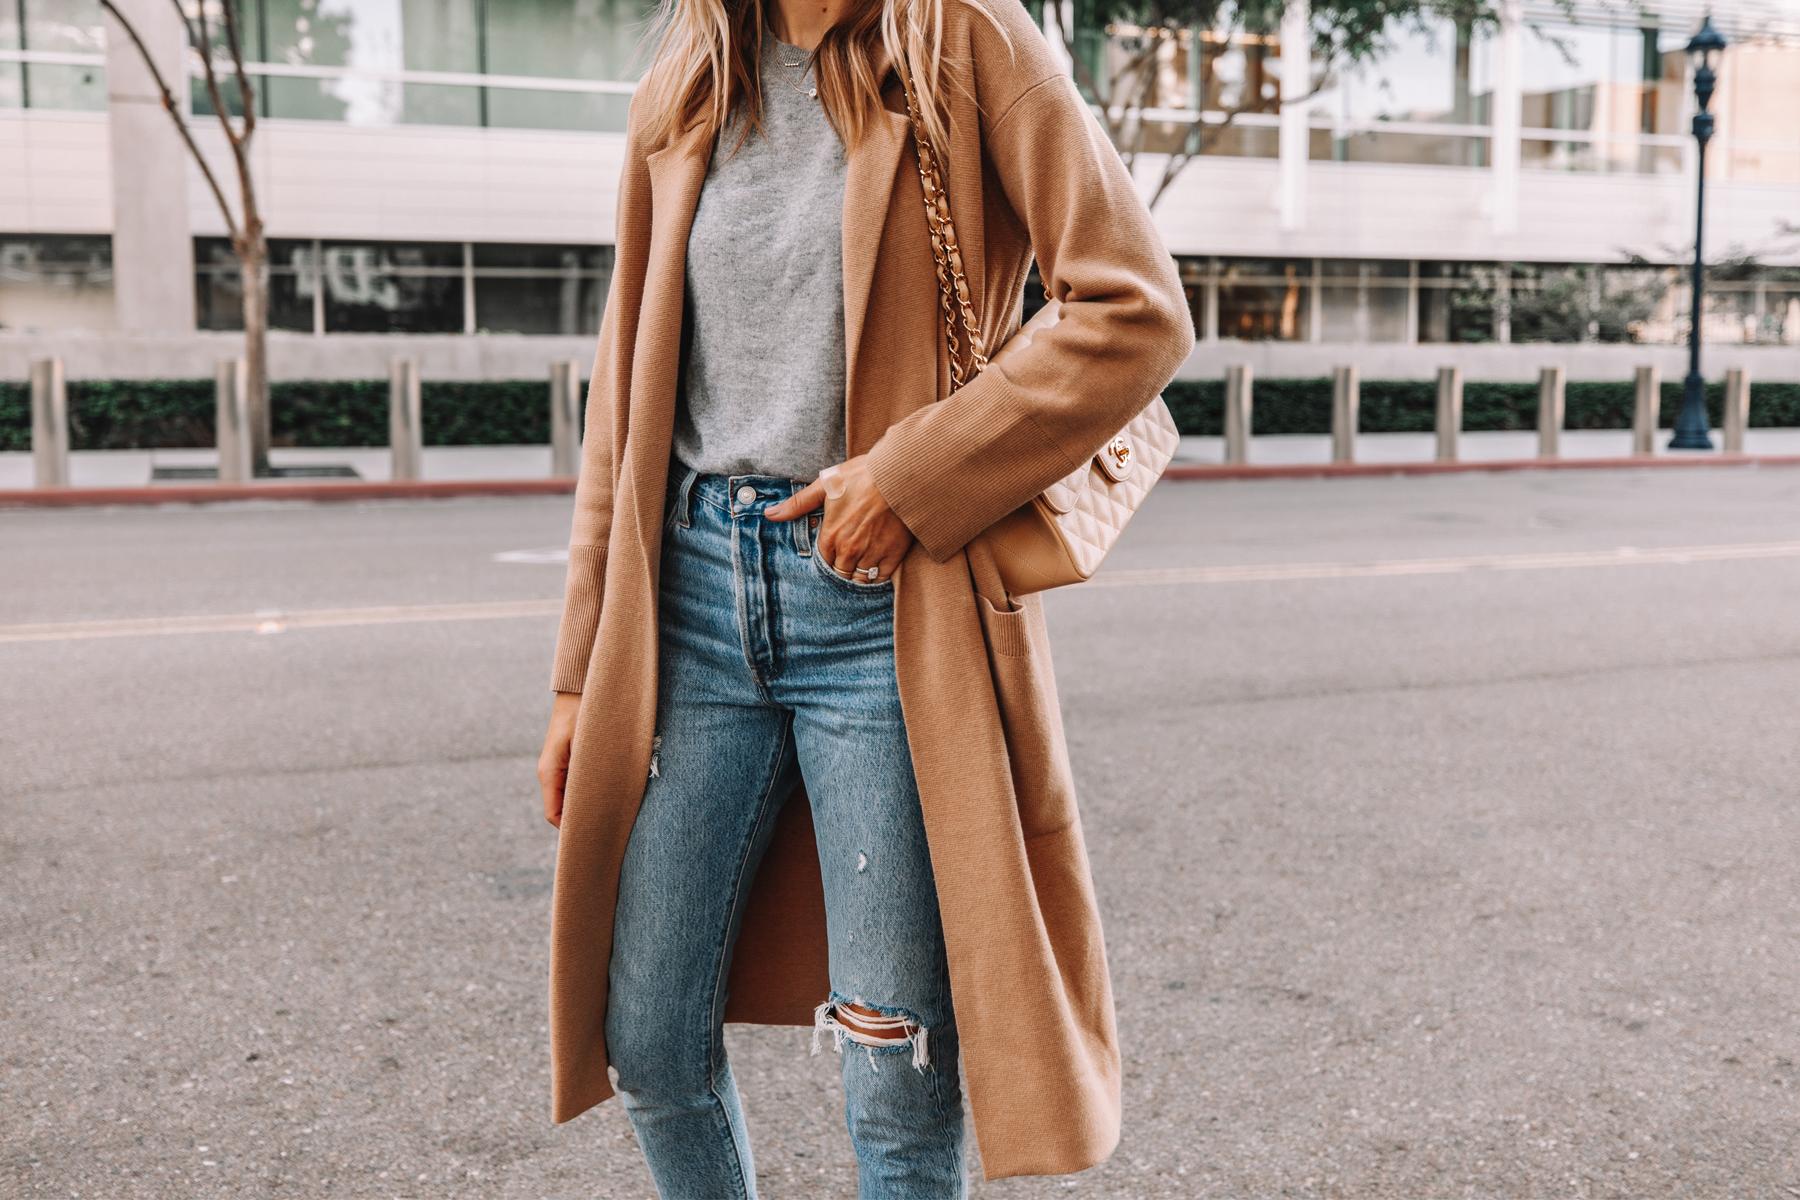 Fashion Jackson Wearing Jcrew Ella Long Sweater Blazer Grey Sweater Levis Ripped 501 Jeans